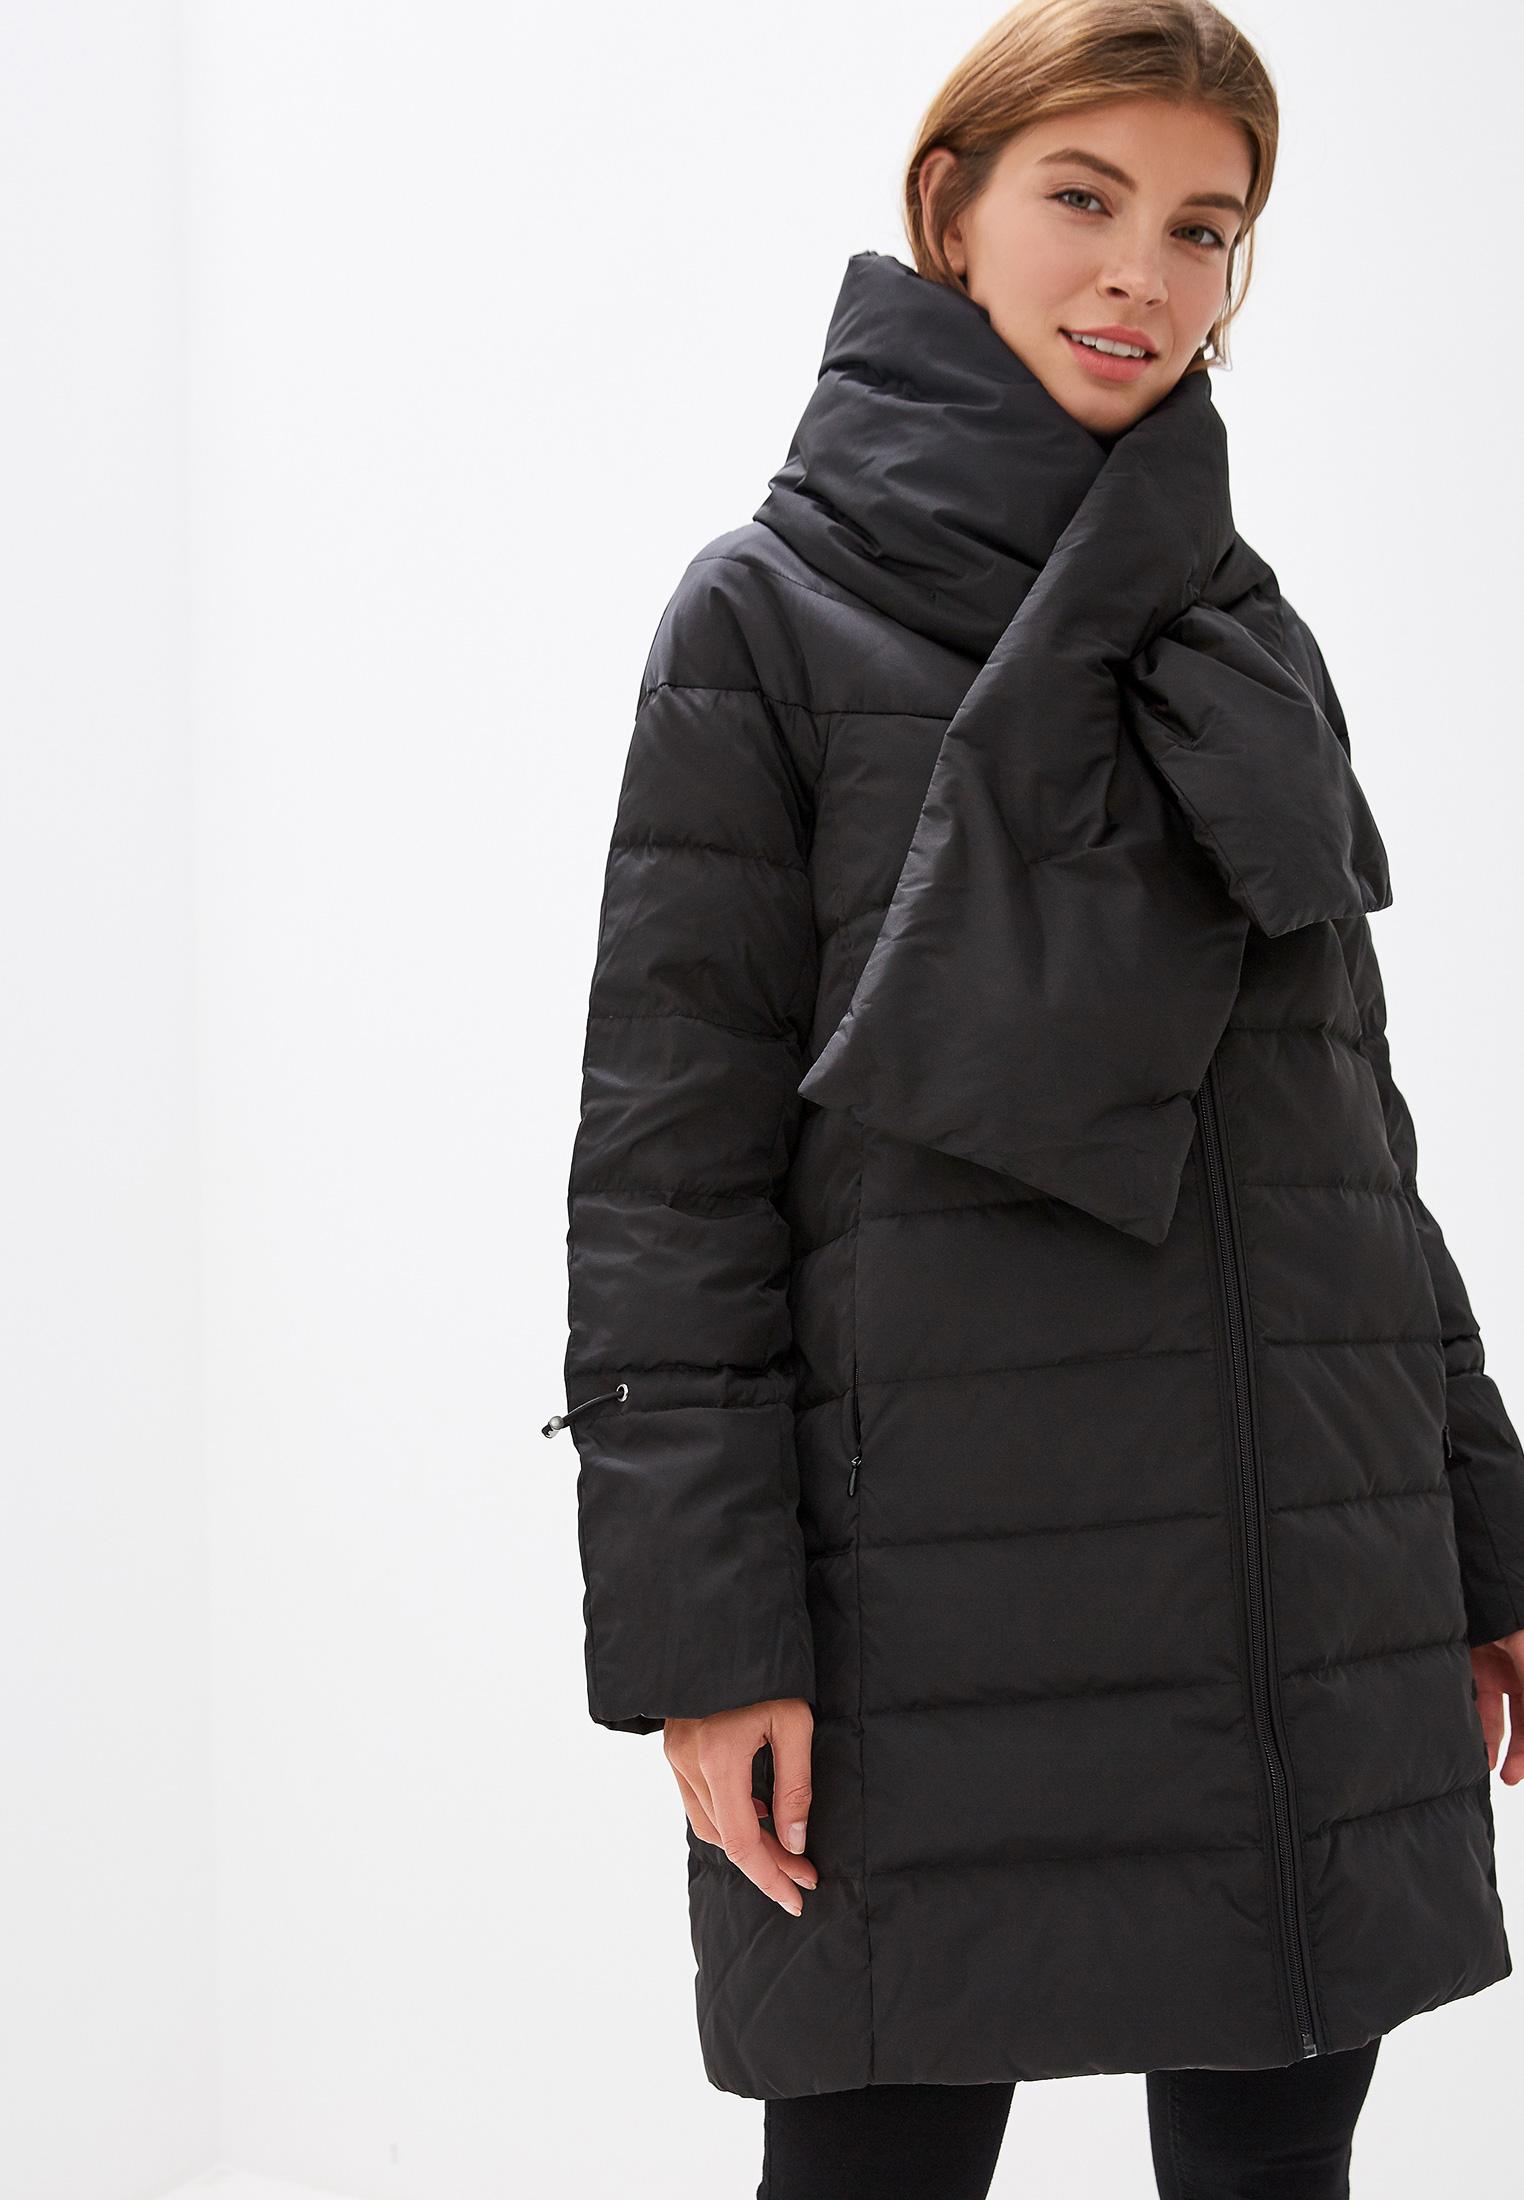 Пуховик, Savage, цвет: черный. Артикул: SA004EWGESB4. Одежда / Верхняя одежда / Пуховики и зимние куртки